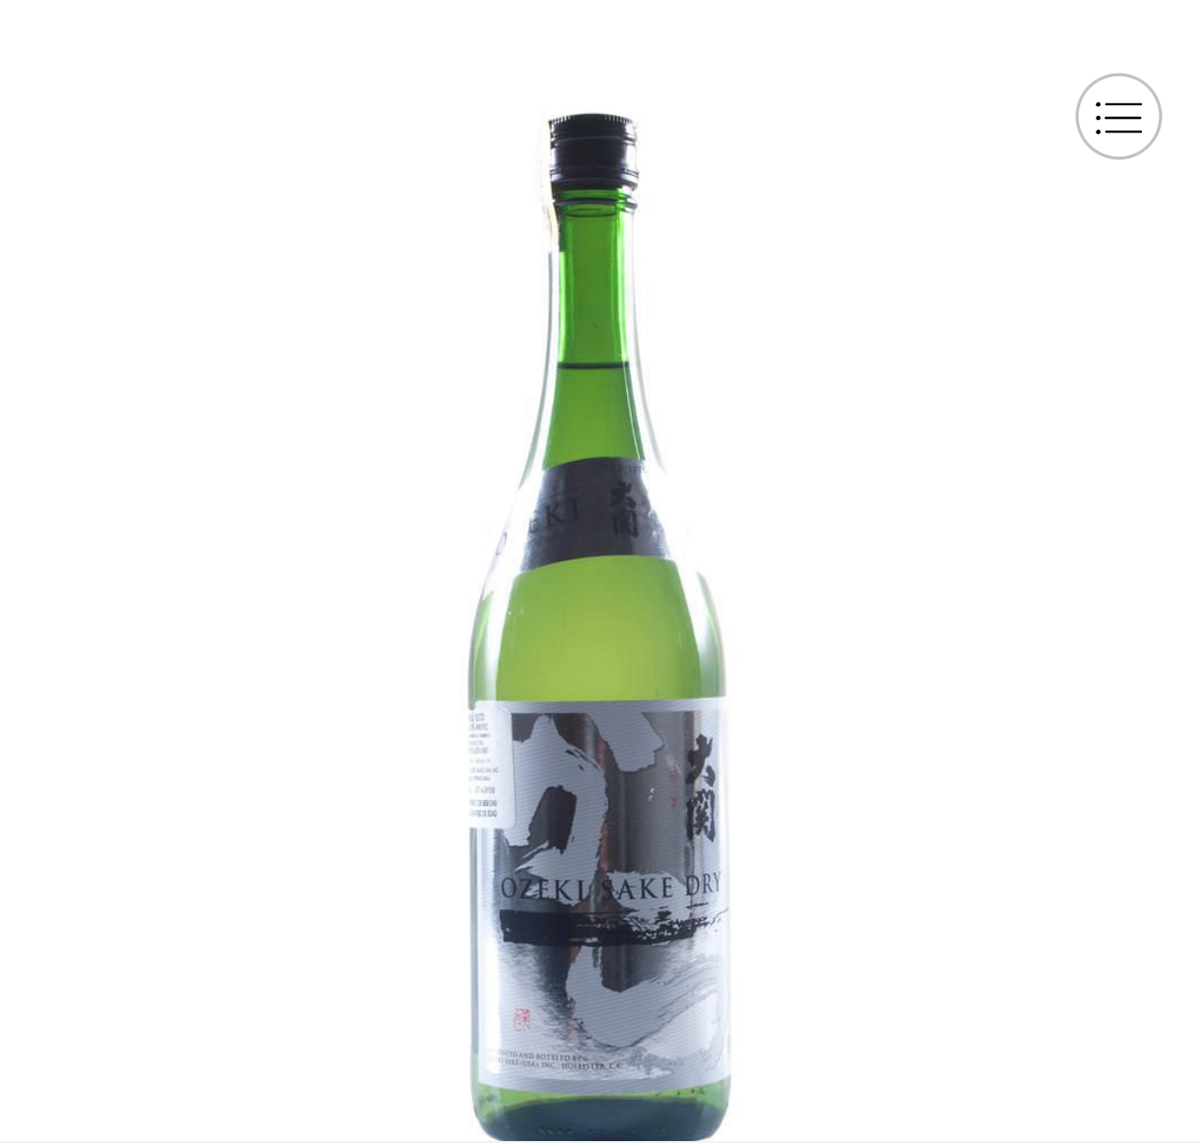 Botella de sake (750ml)_1